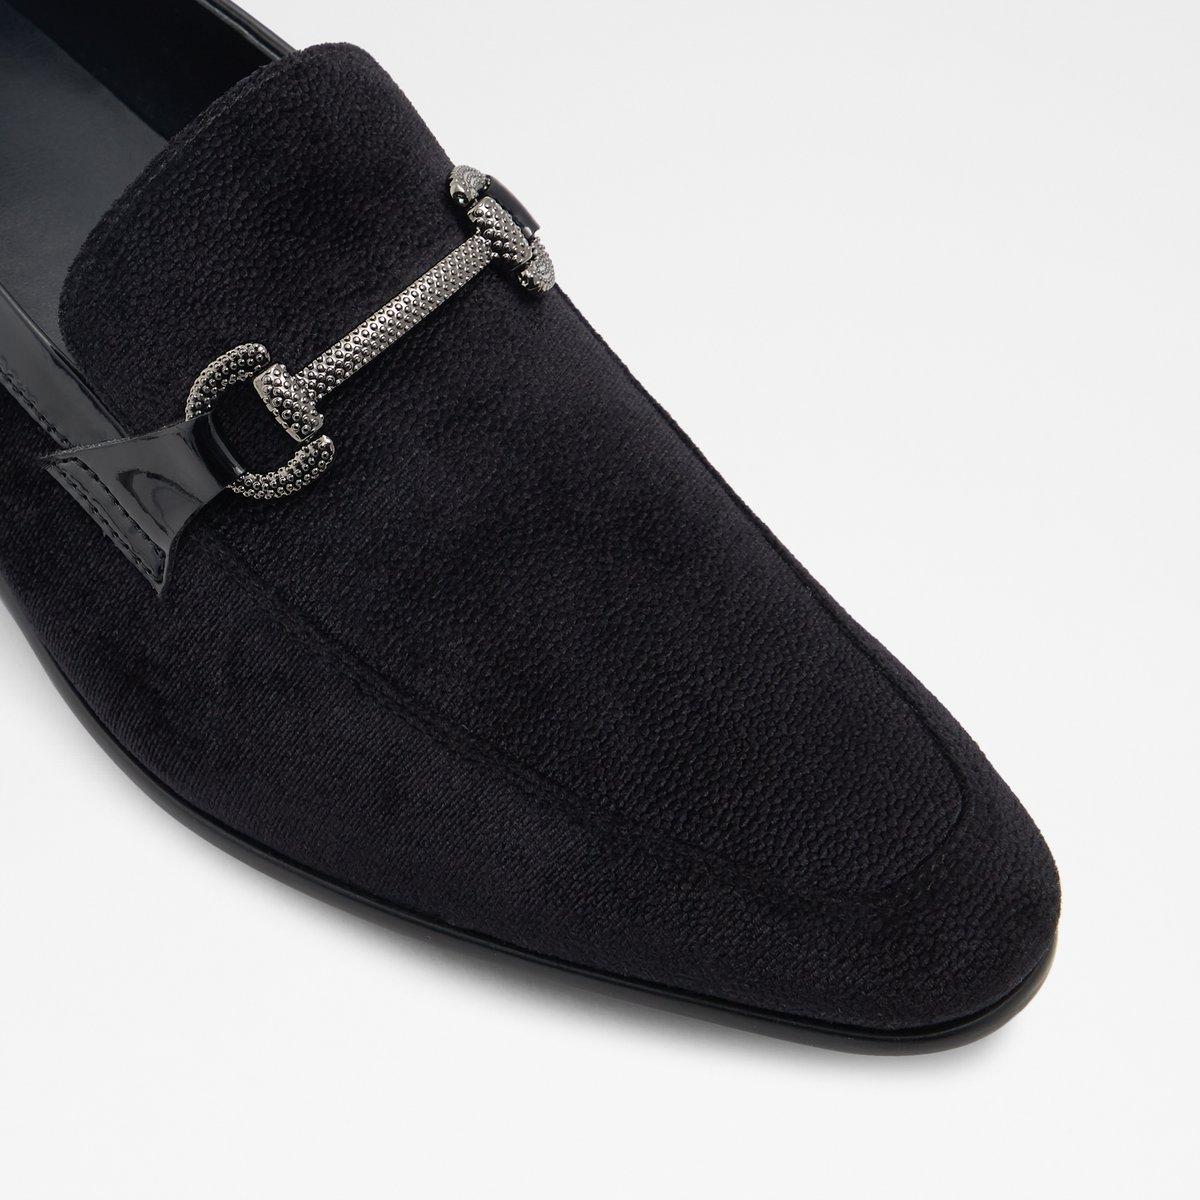 Drylian Black Leather Velvet Men's